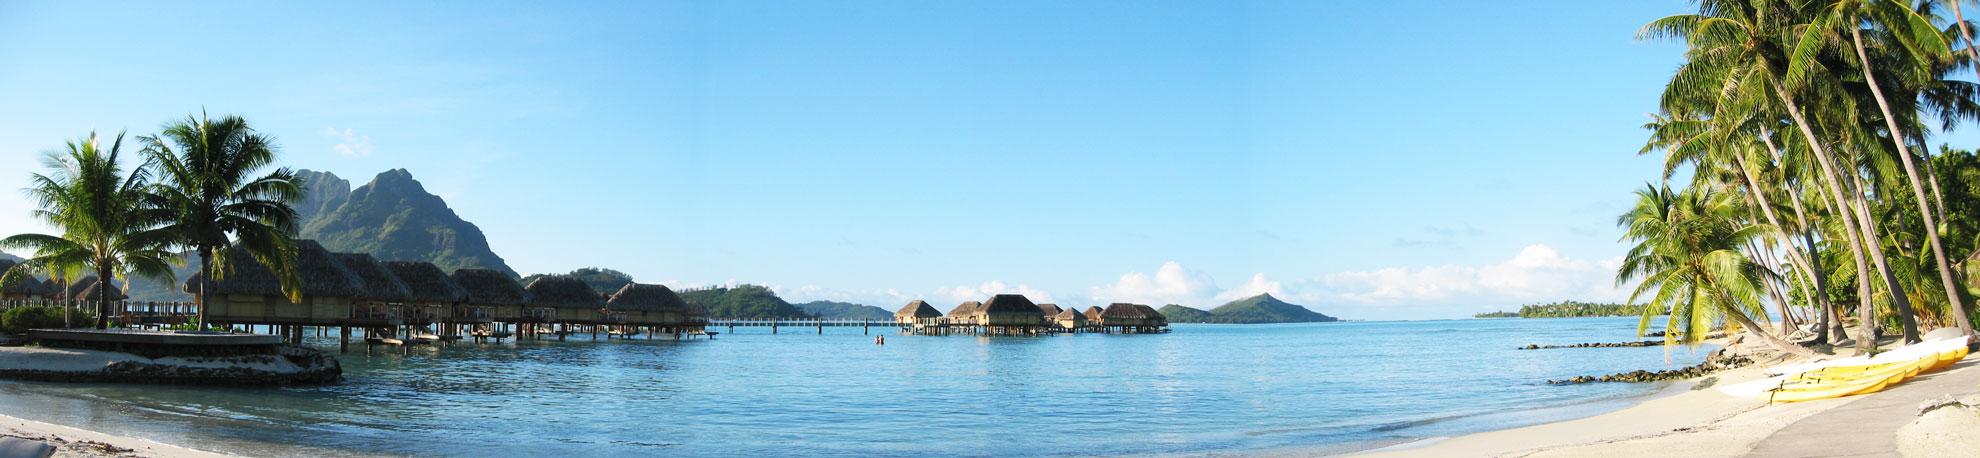 Les incontournables de la Polynésie